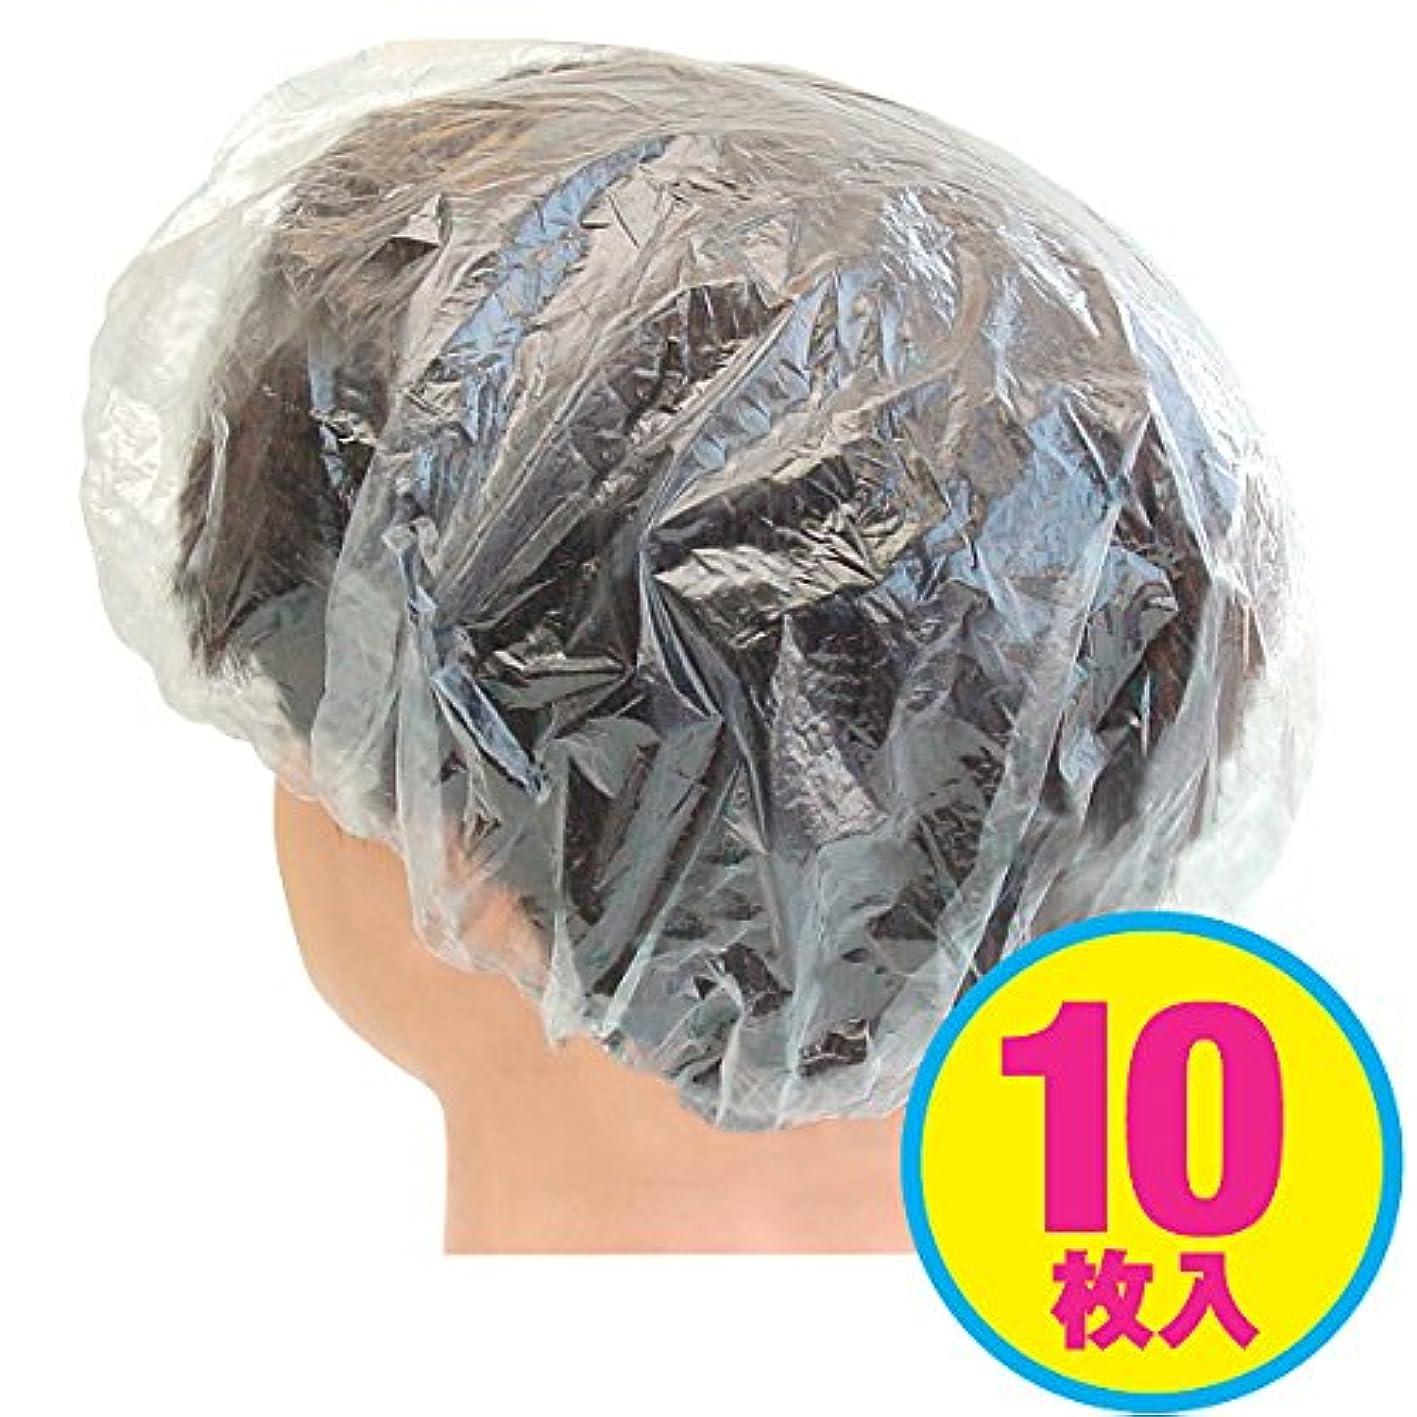 挨拶する従順鉛使い捨て【シャワーキャップ】業務用10枚入 ビニール製(髪を染める時や、個包装なので旅行用にも)